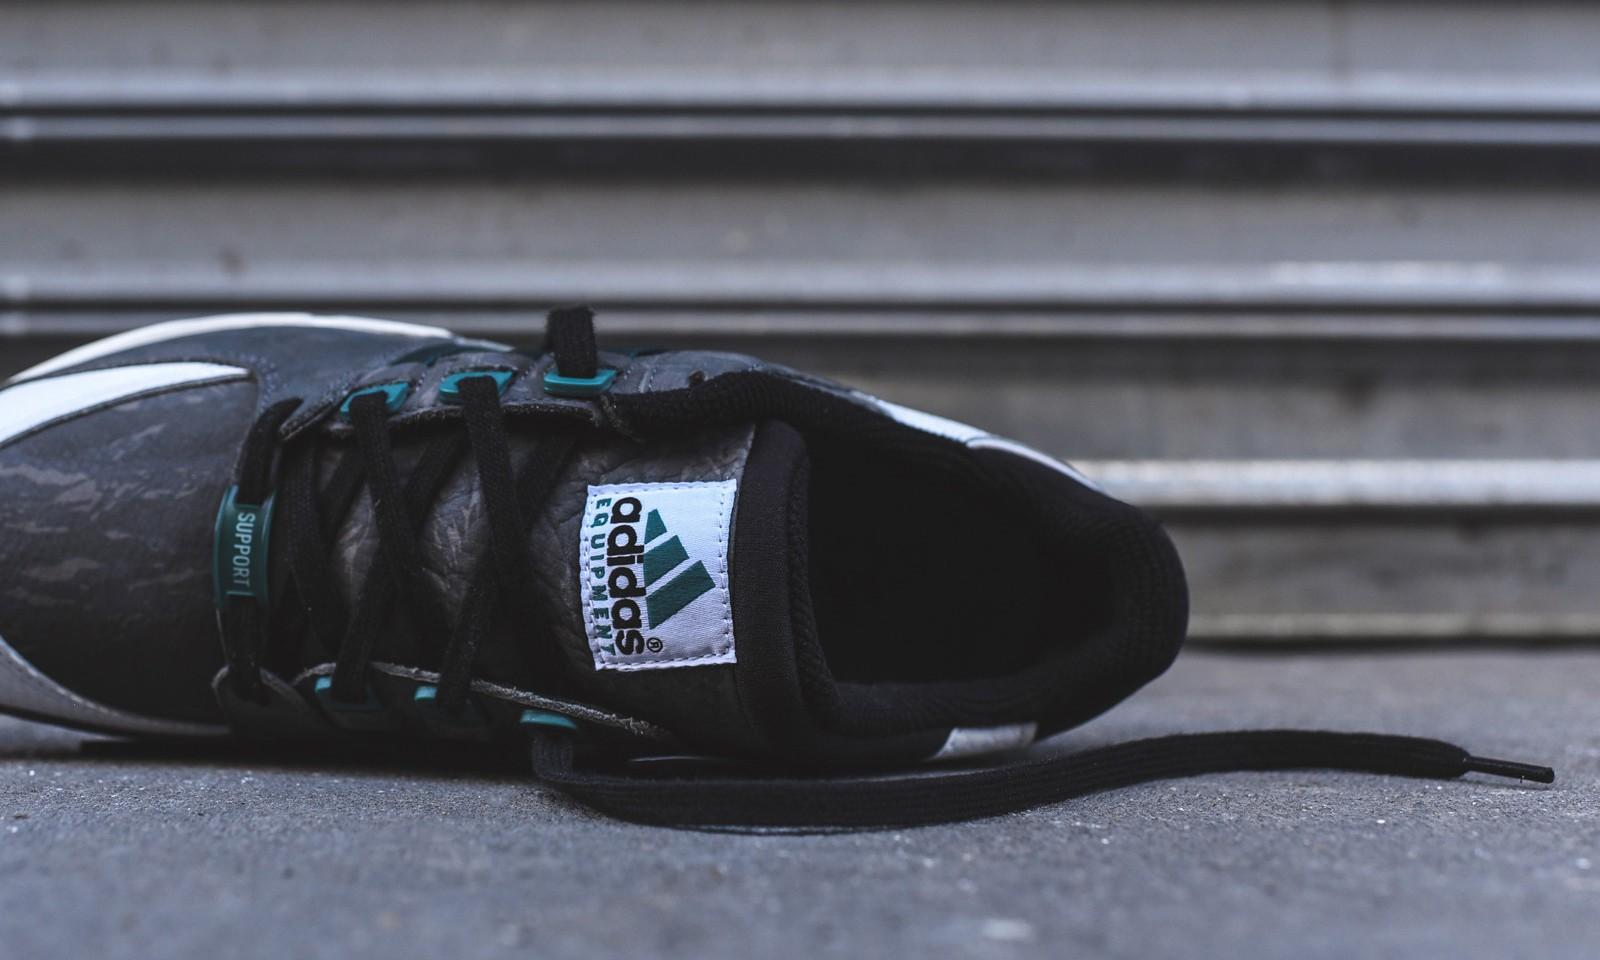 全新 adidas EQT Support '93 – Tokyo Pt. 2 配色释出